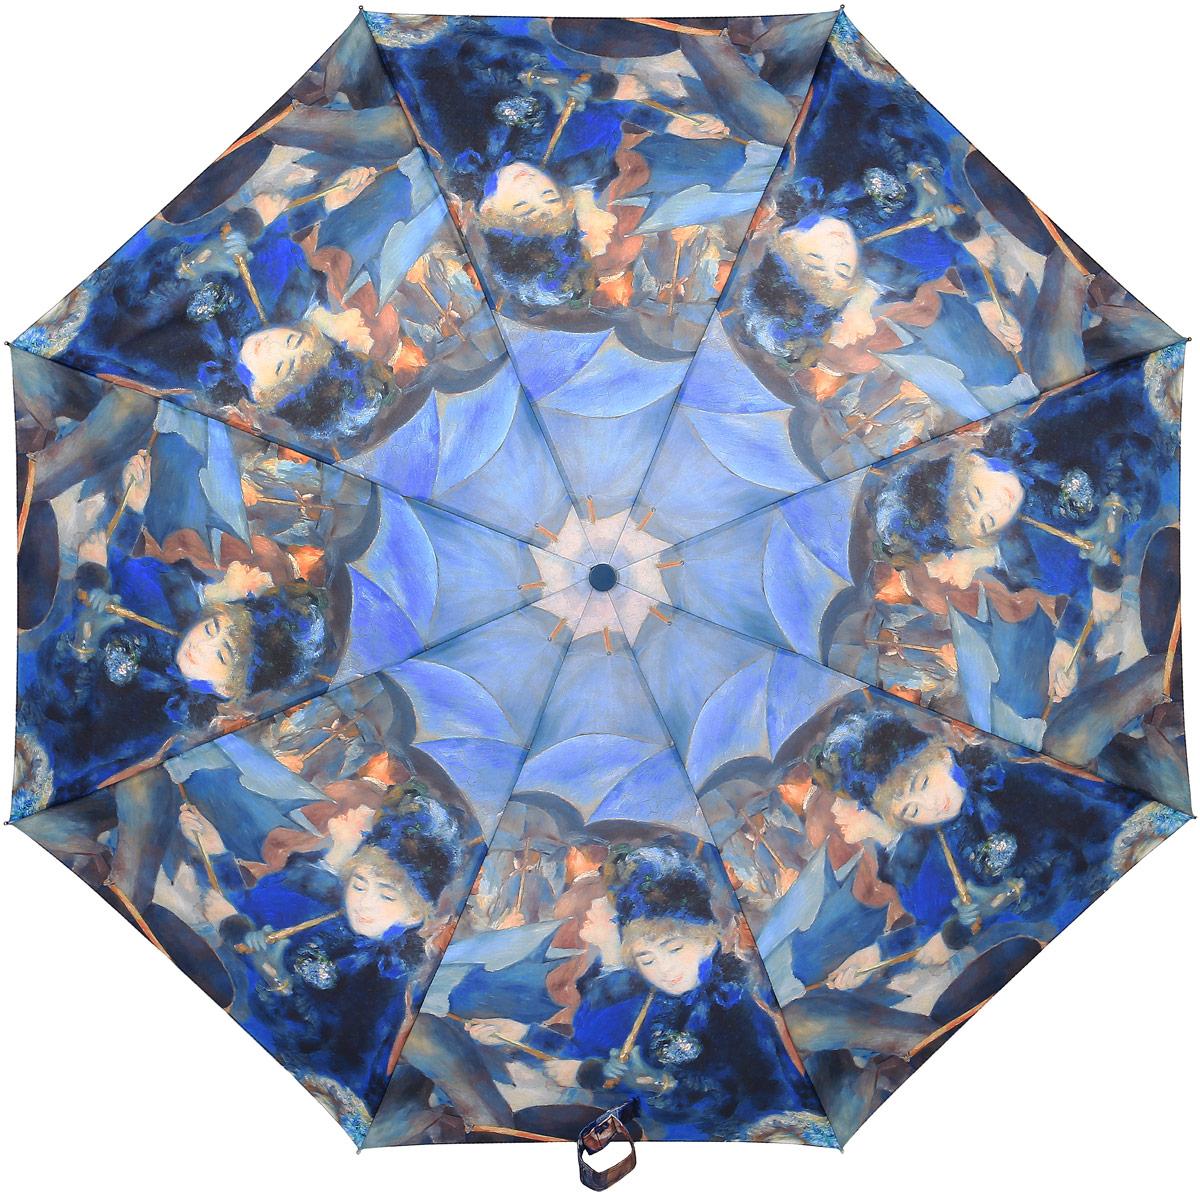 Зонт женский Fulton, механический, 3 сложения, цвет: синий, голубой. L849-34191003-ZK1268/zСтильный механический зонт Fulton имеет 3 сложения, даже в ненастную погоду позволит вам оставаться стильной. Легкий, но в тоже время прочный алюминиевый каркас состоит из восьми спиц с элементами из фибергласса. Купол зонта выполнен из прочного полиэстера с водоотталкивающей пропиткой. Рукоятка закругленной формы, разработанная с учетом требований эргономики, выполнена из каучука. Зонт имеет механический способ сложения: и купол, и стержень открываются и закрываются вручную до характерного щелчка.